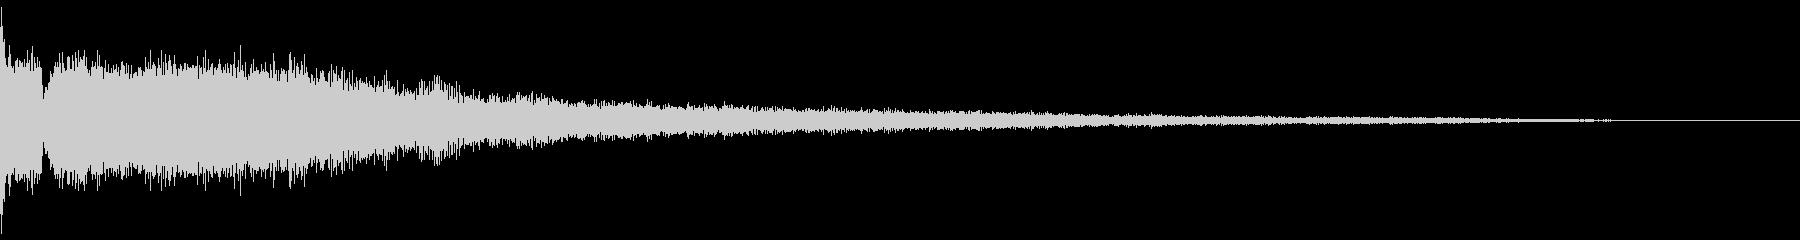 ピッ:デジタル起動音(低音)の未再生の波形